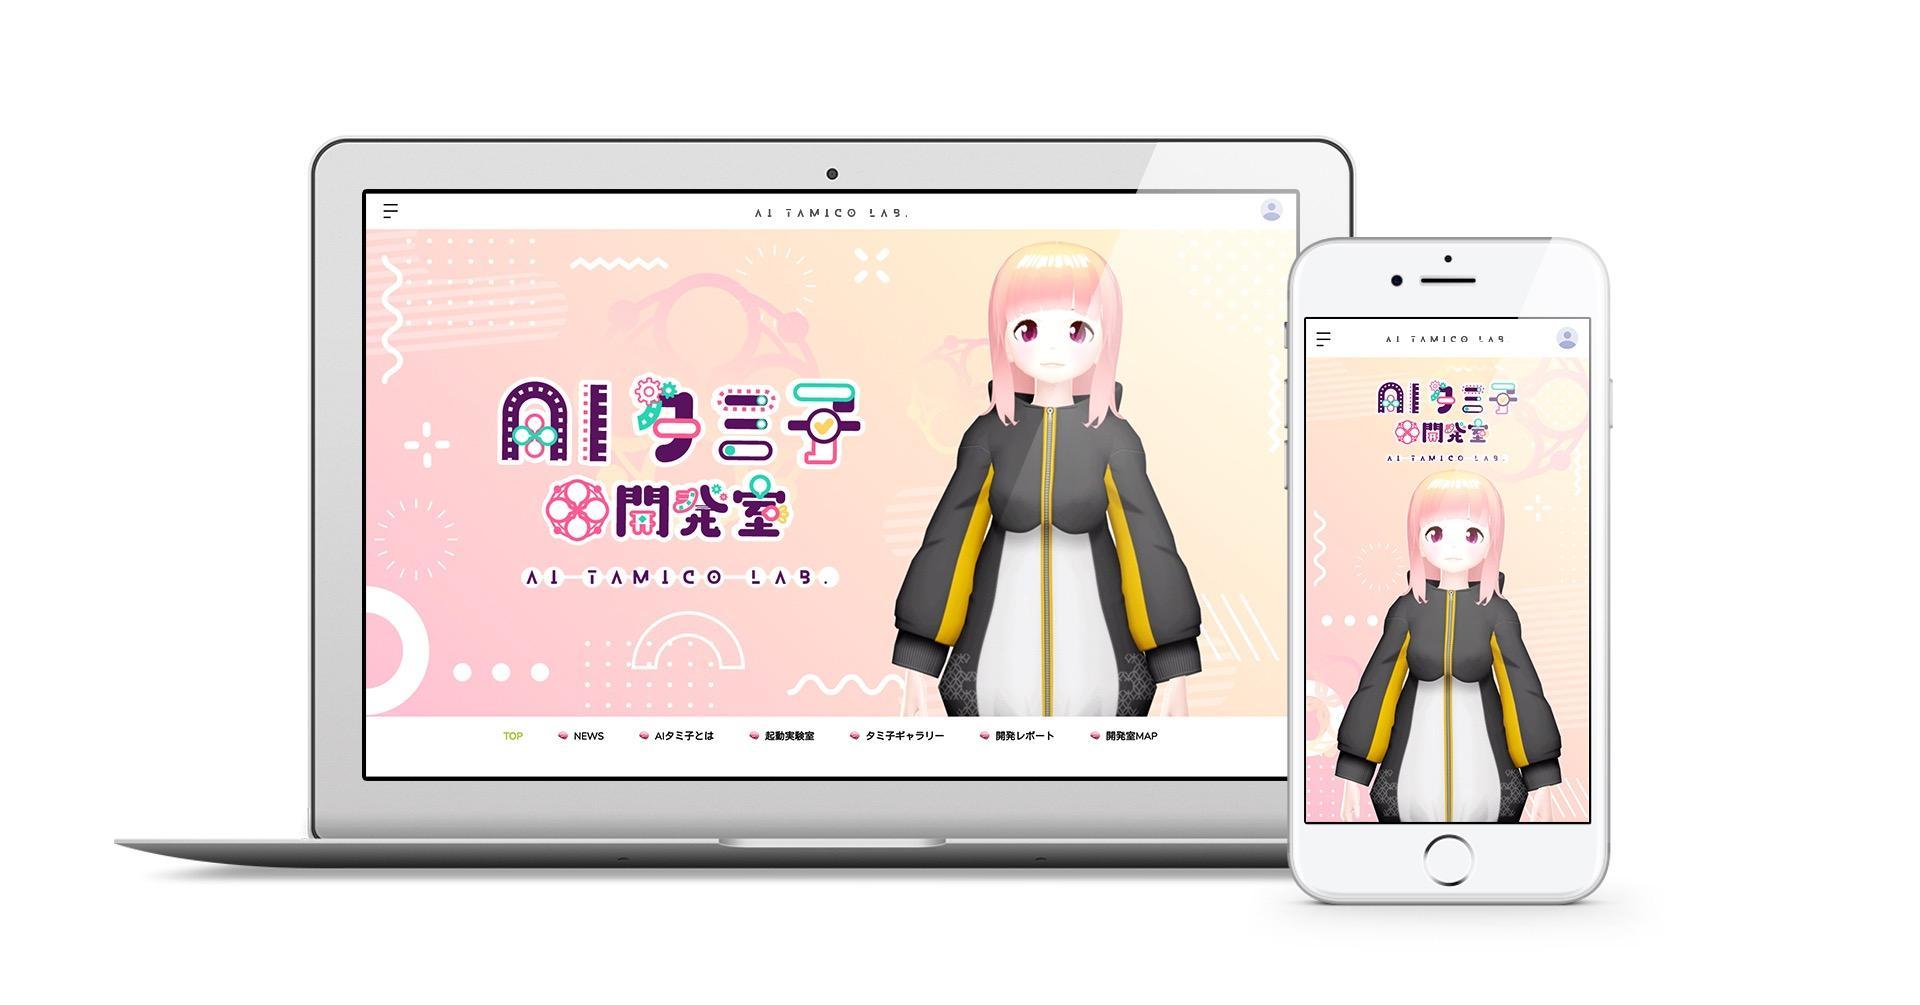 テレビ東京のビジネス開発バラエティ番組「今日からやる会議」でおなじみ 「AI VTuber タミ子」がテレ東史上初の試みとして、ファンクラブを設立しました!